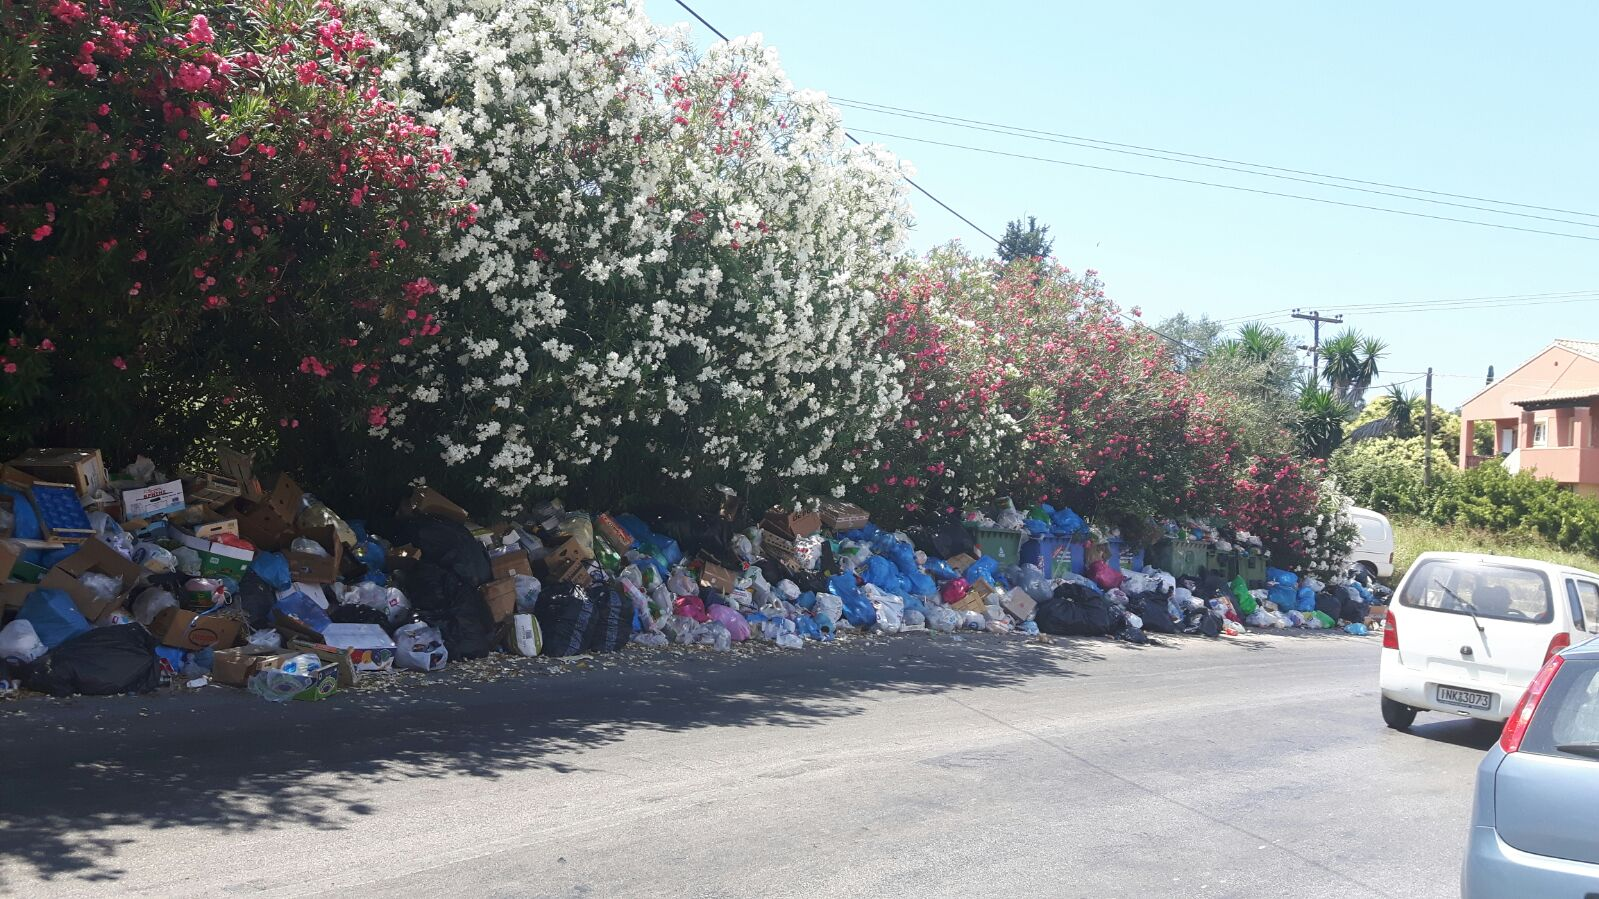 Dekorativ und doch verstörend - Müll auf Korfu